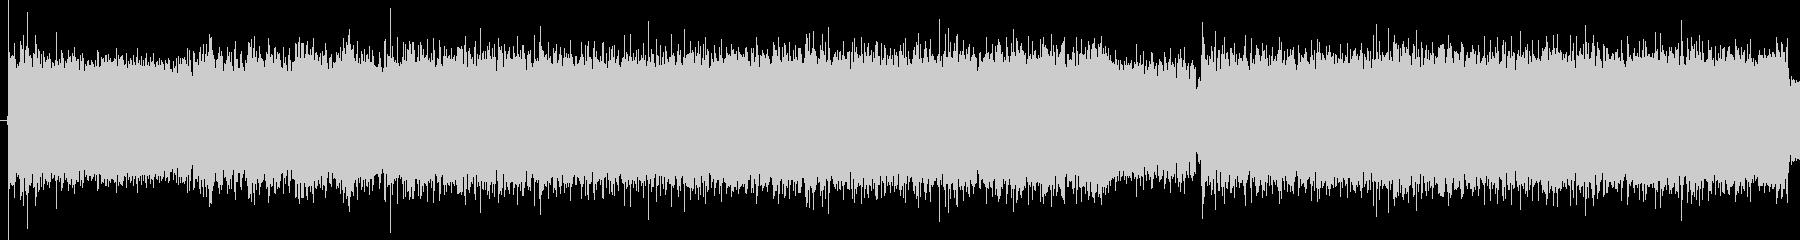 サイケな要素があるRockです。の未再生の波形